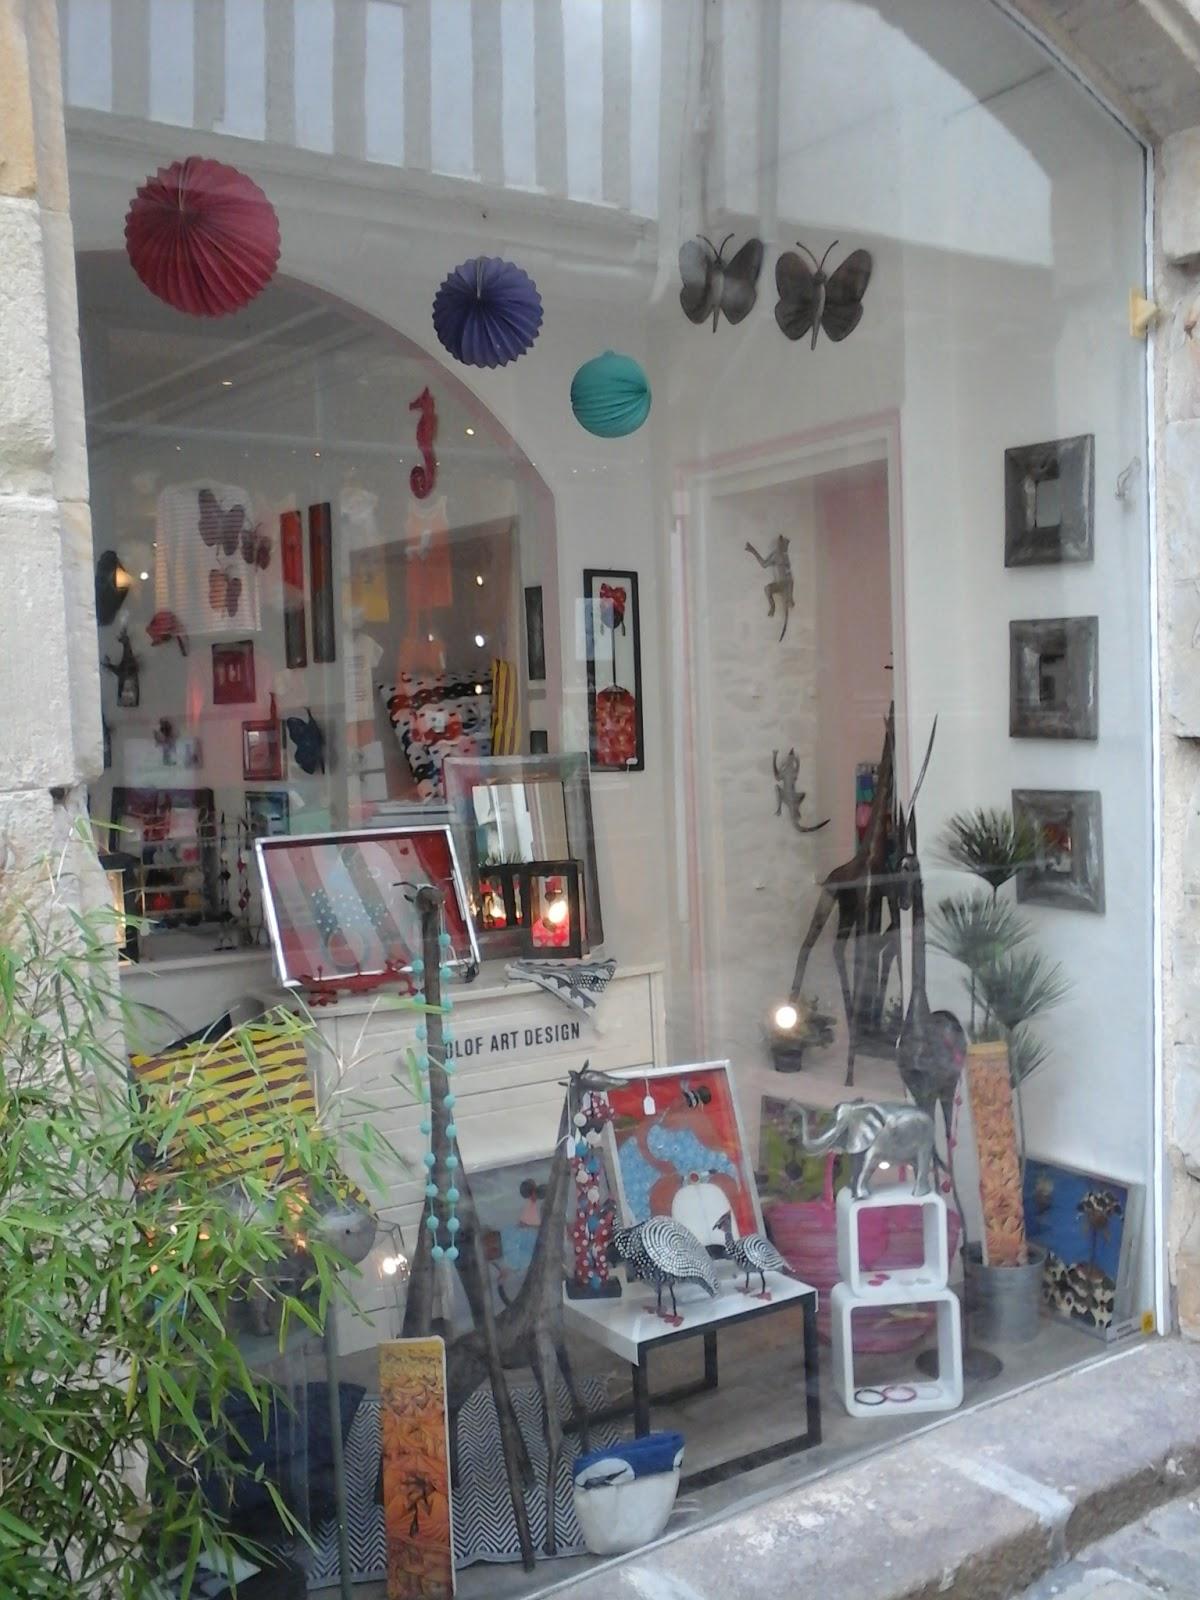 Art Et Decoration Juin 2017 wolof art design, décoration d'intérieur, créations d'art